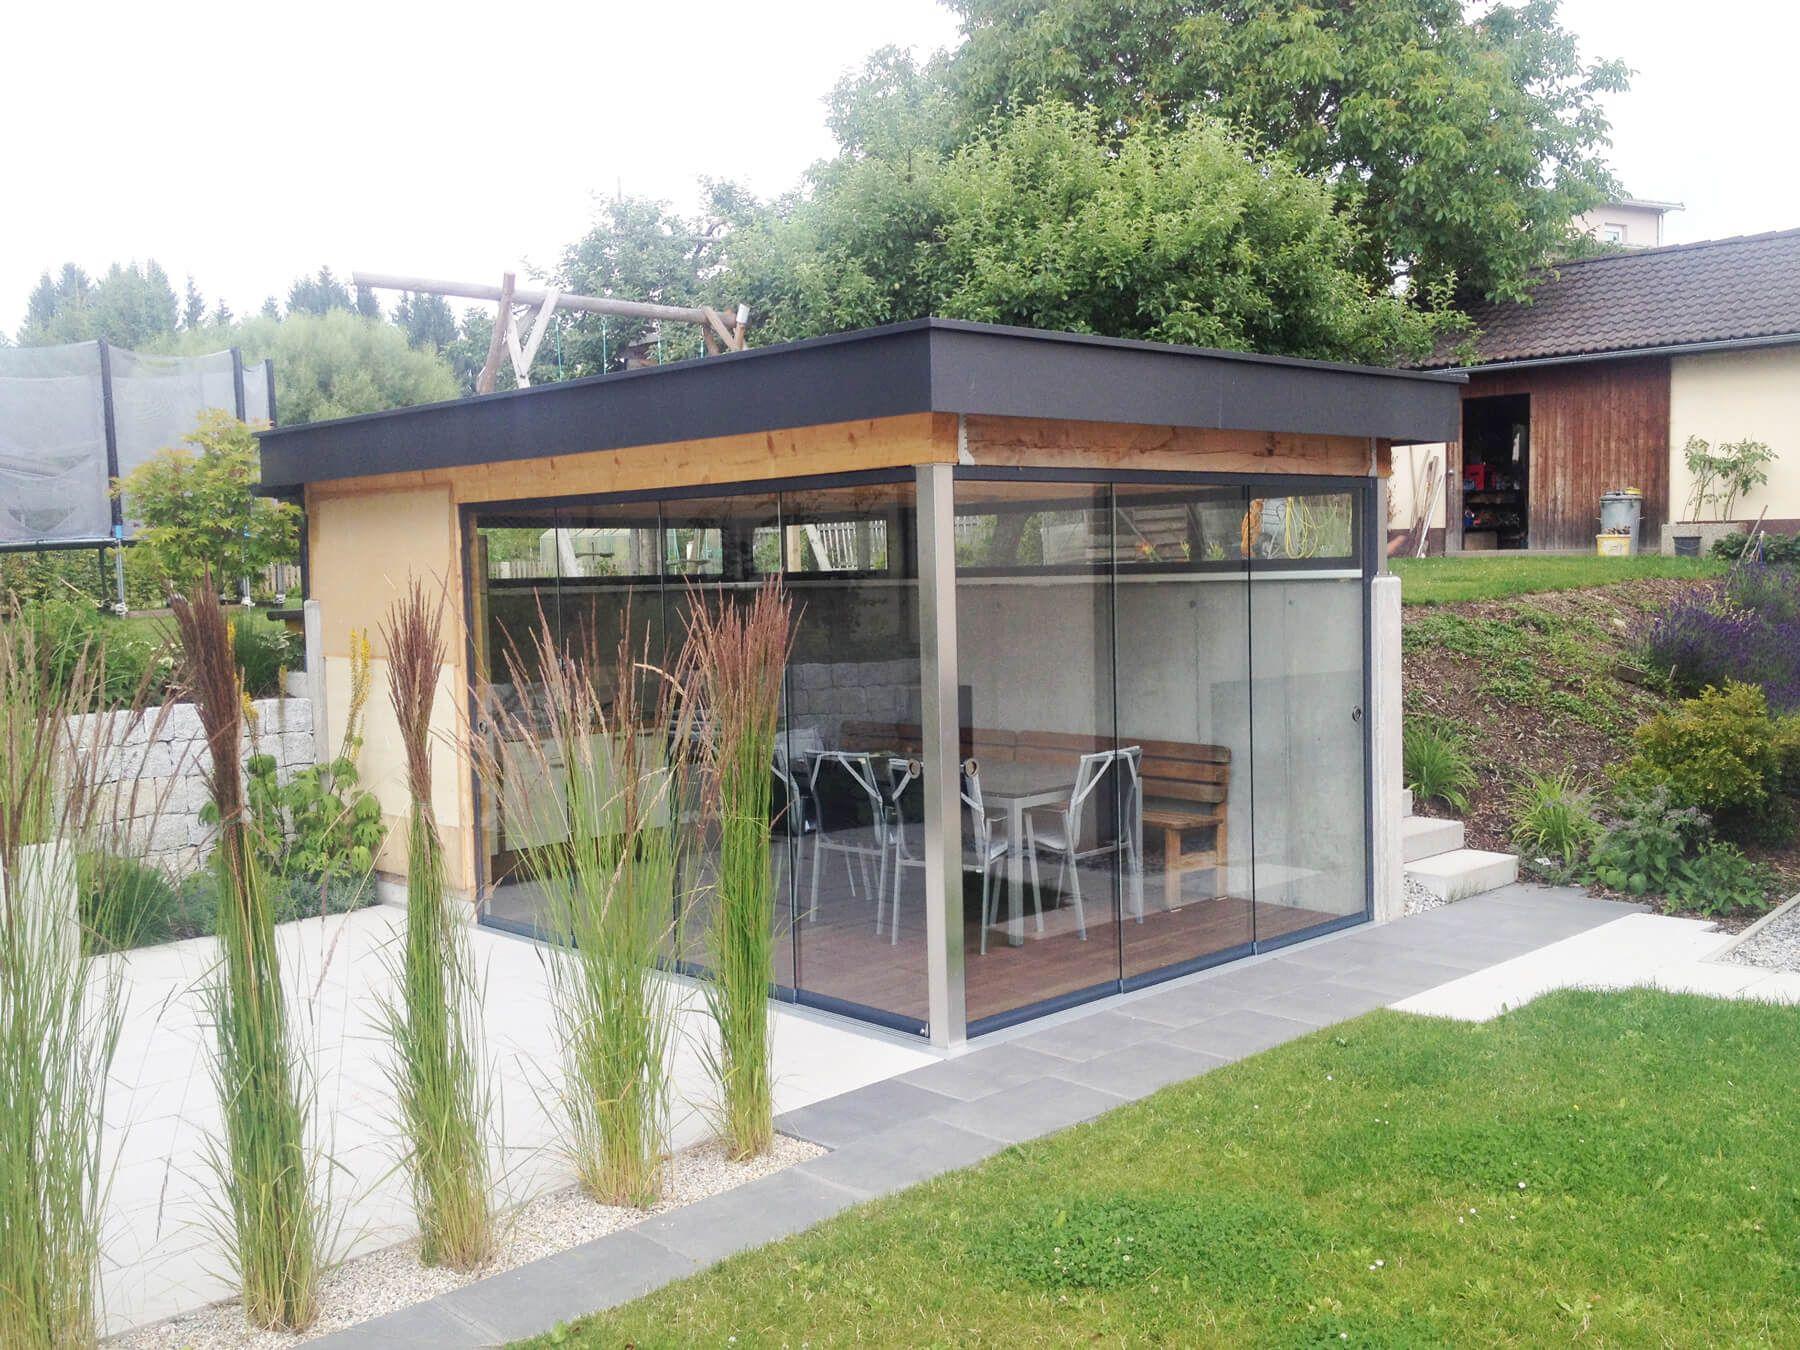 Gartenlaube Outdoor Küche : Gartenhaus mit outdoor küche outdoorküche